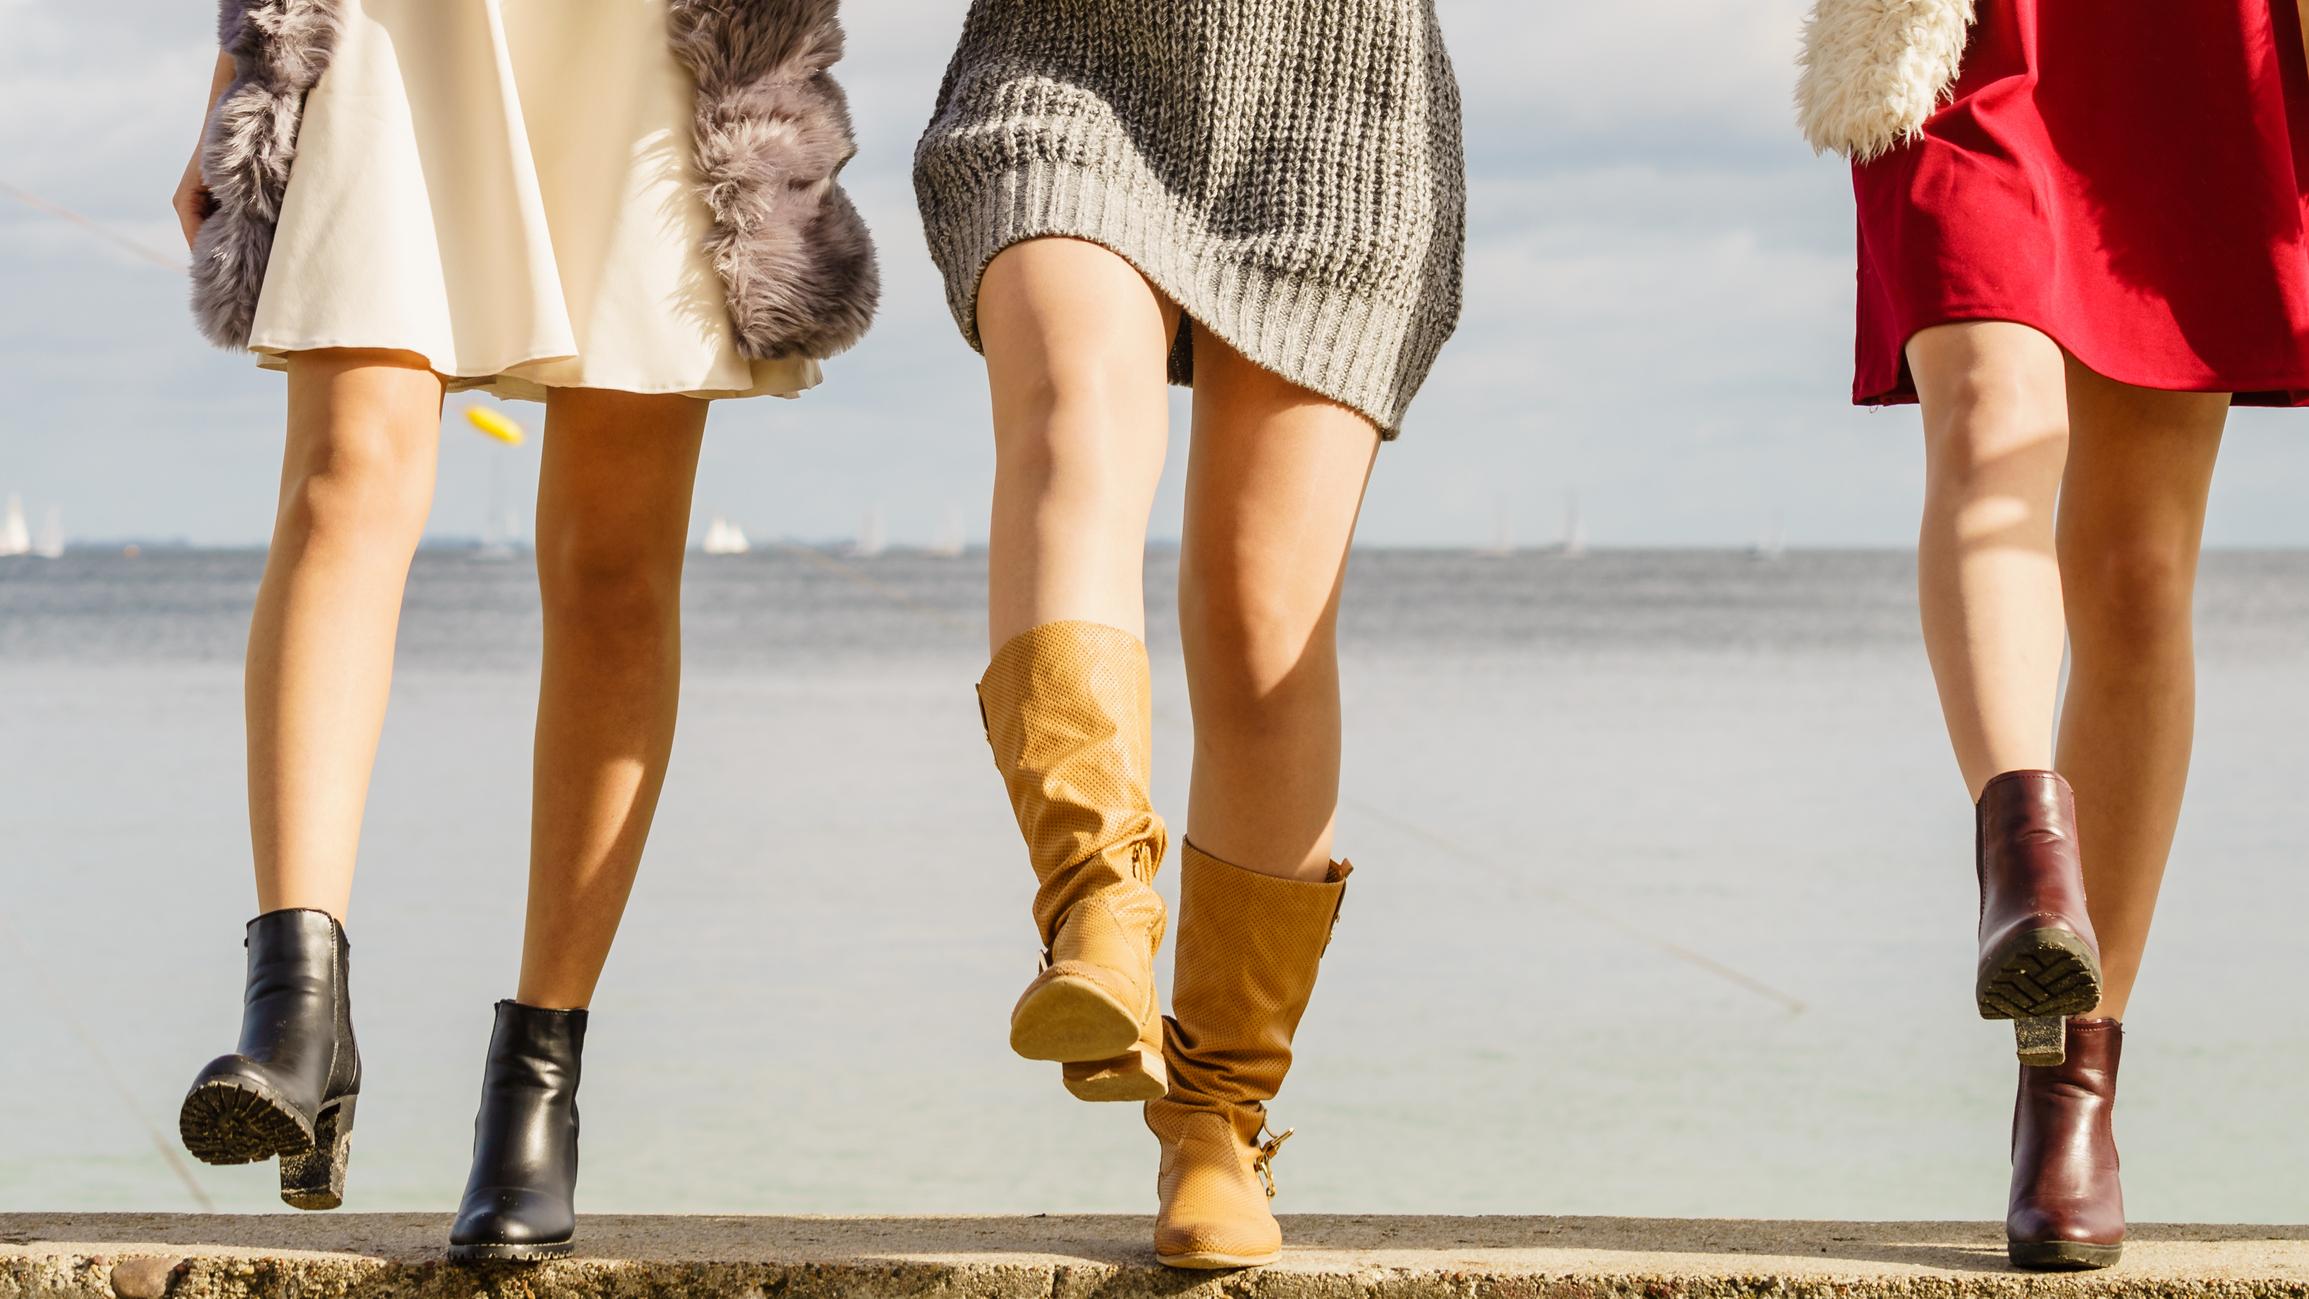 Three women walking in boots